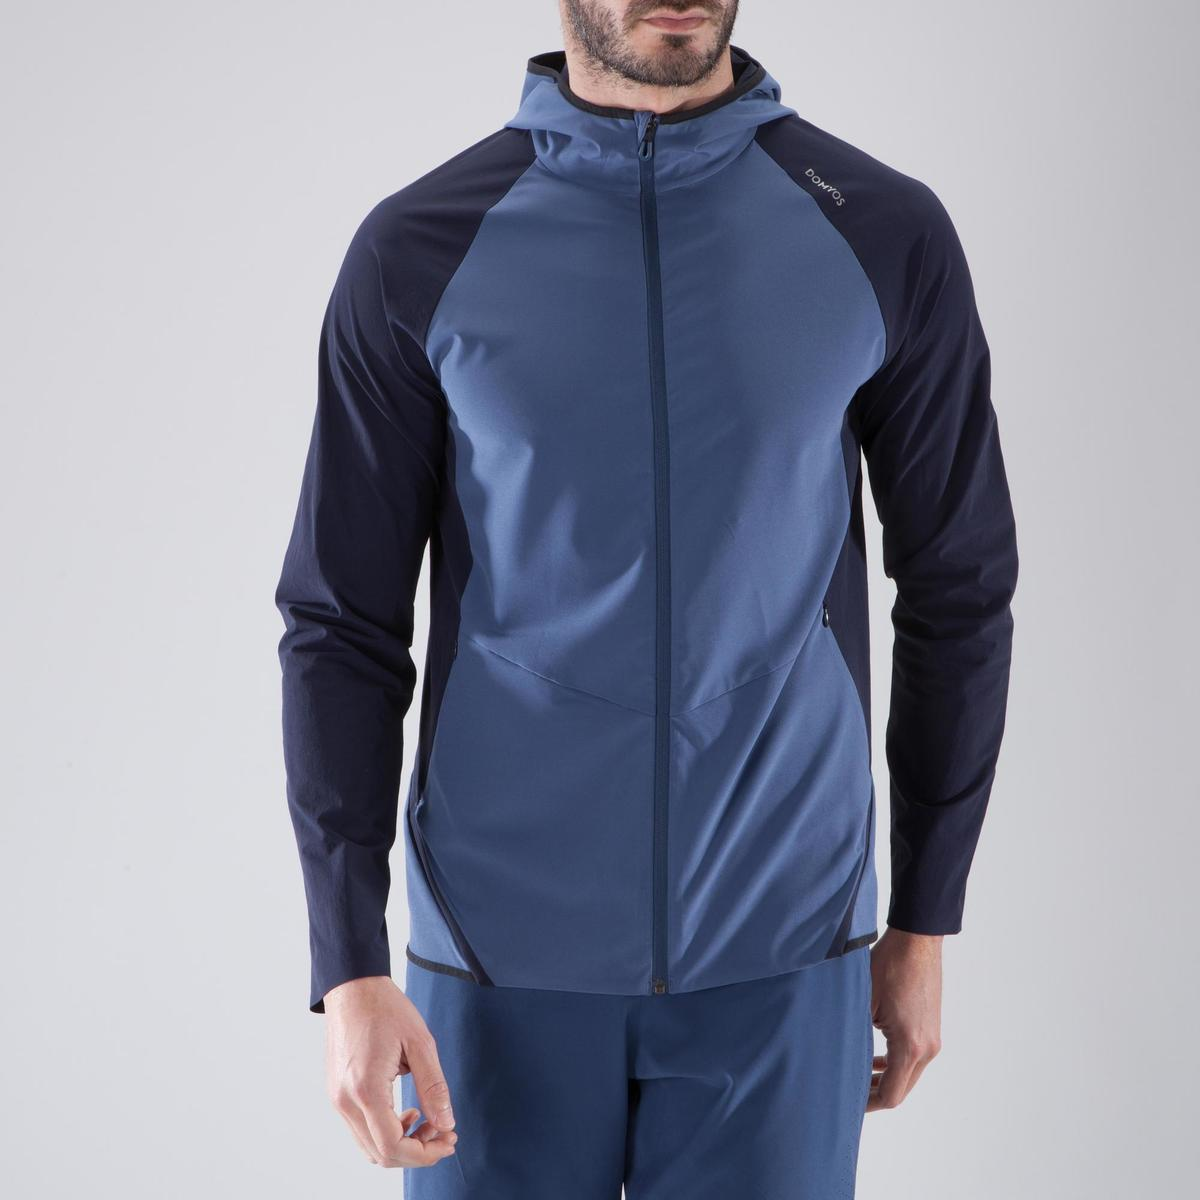 Bild 2 von Trainingsjacke Cardio 900 Herren Fitness blau/schwarz